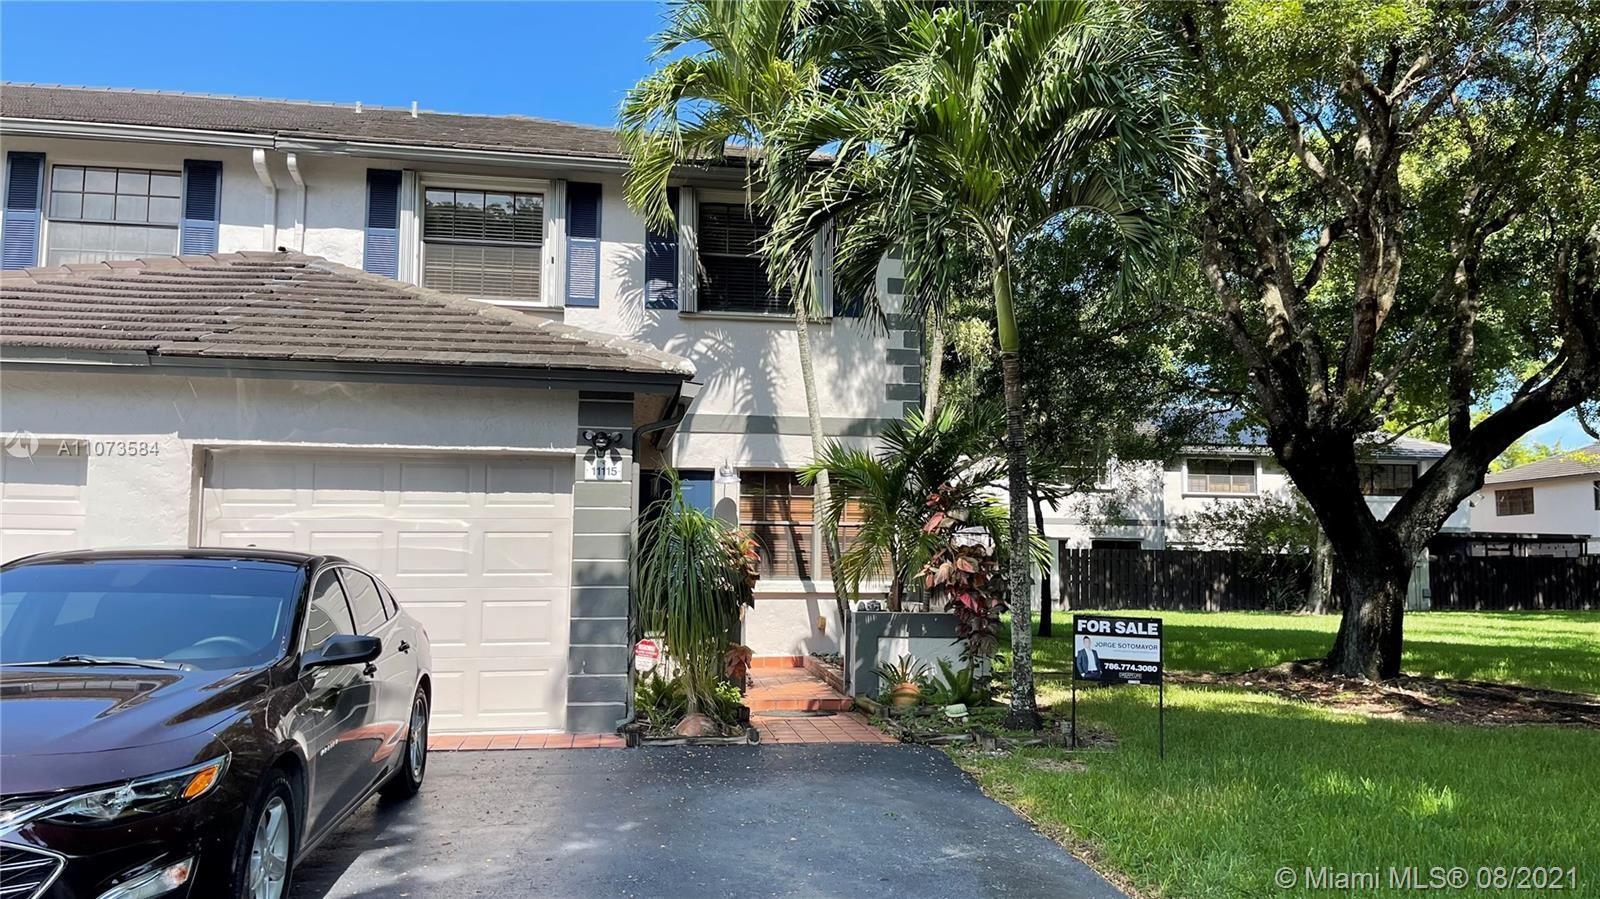 11115 154th PL #11115, Miami, FL 33196 - #: A11073584